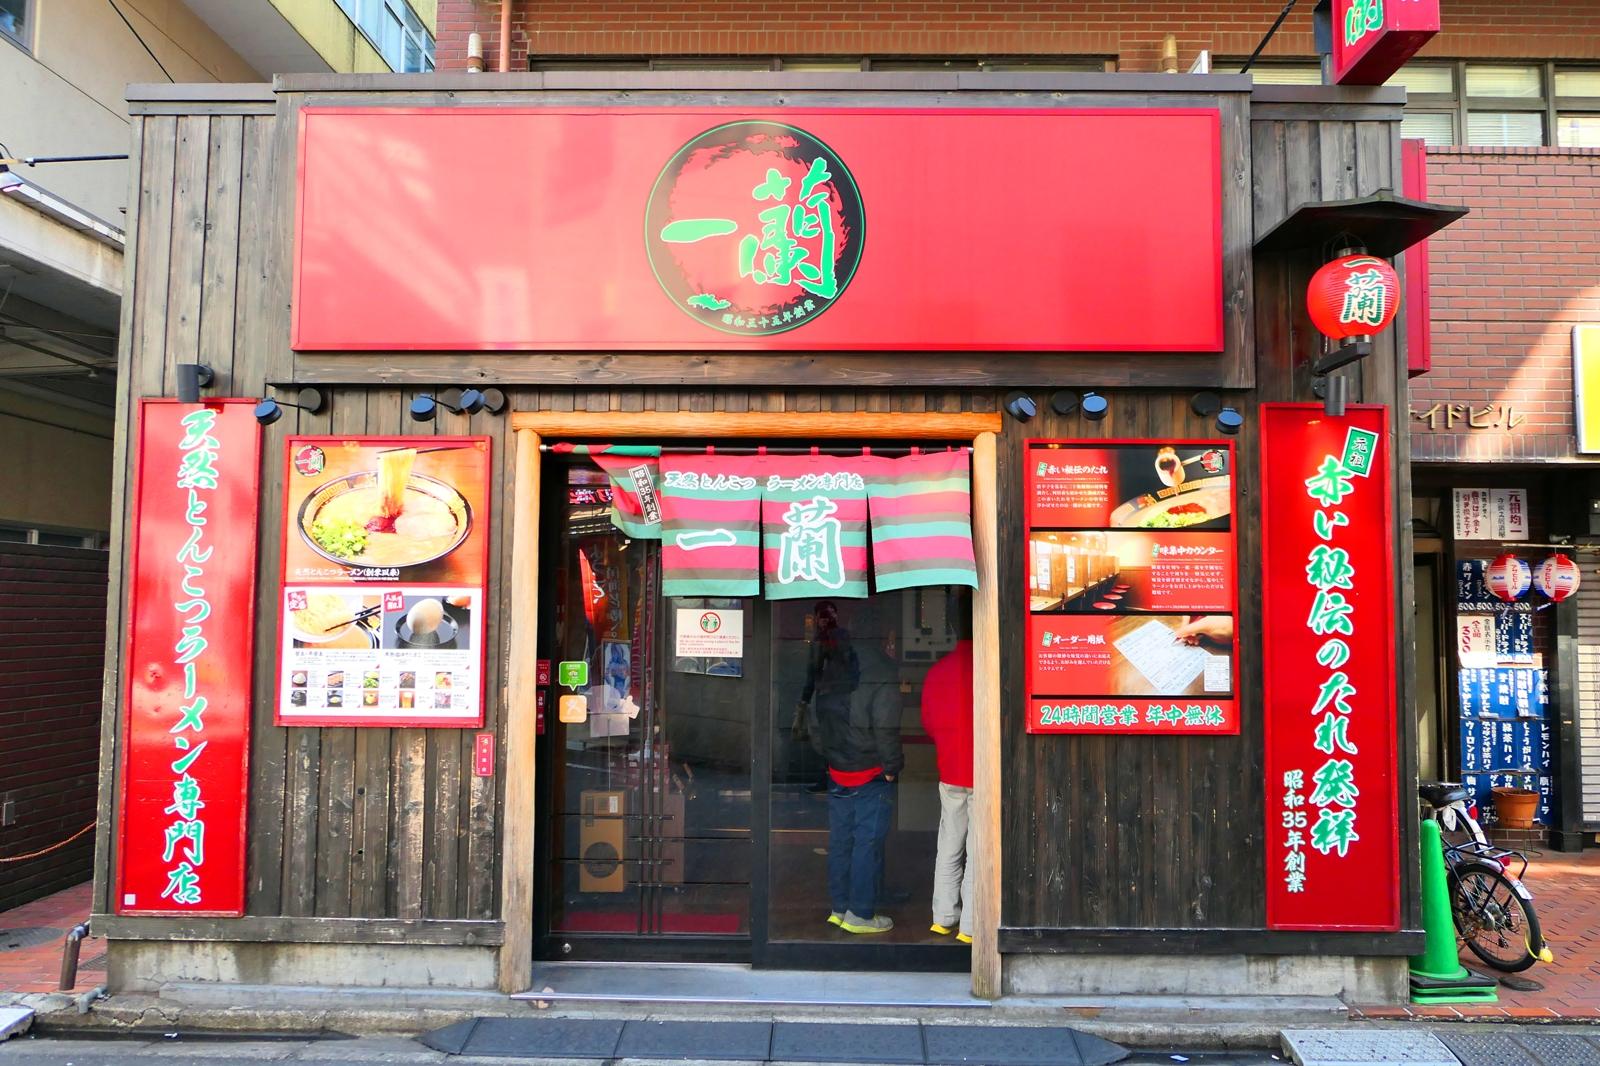 一蘭拉麵 | 巷弄內的一蘭拉麵 | 池袋 | 東京 | 巡日旅行攝